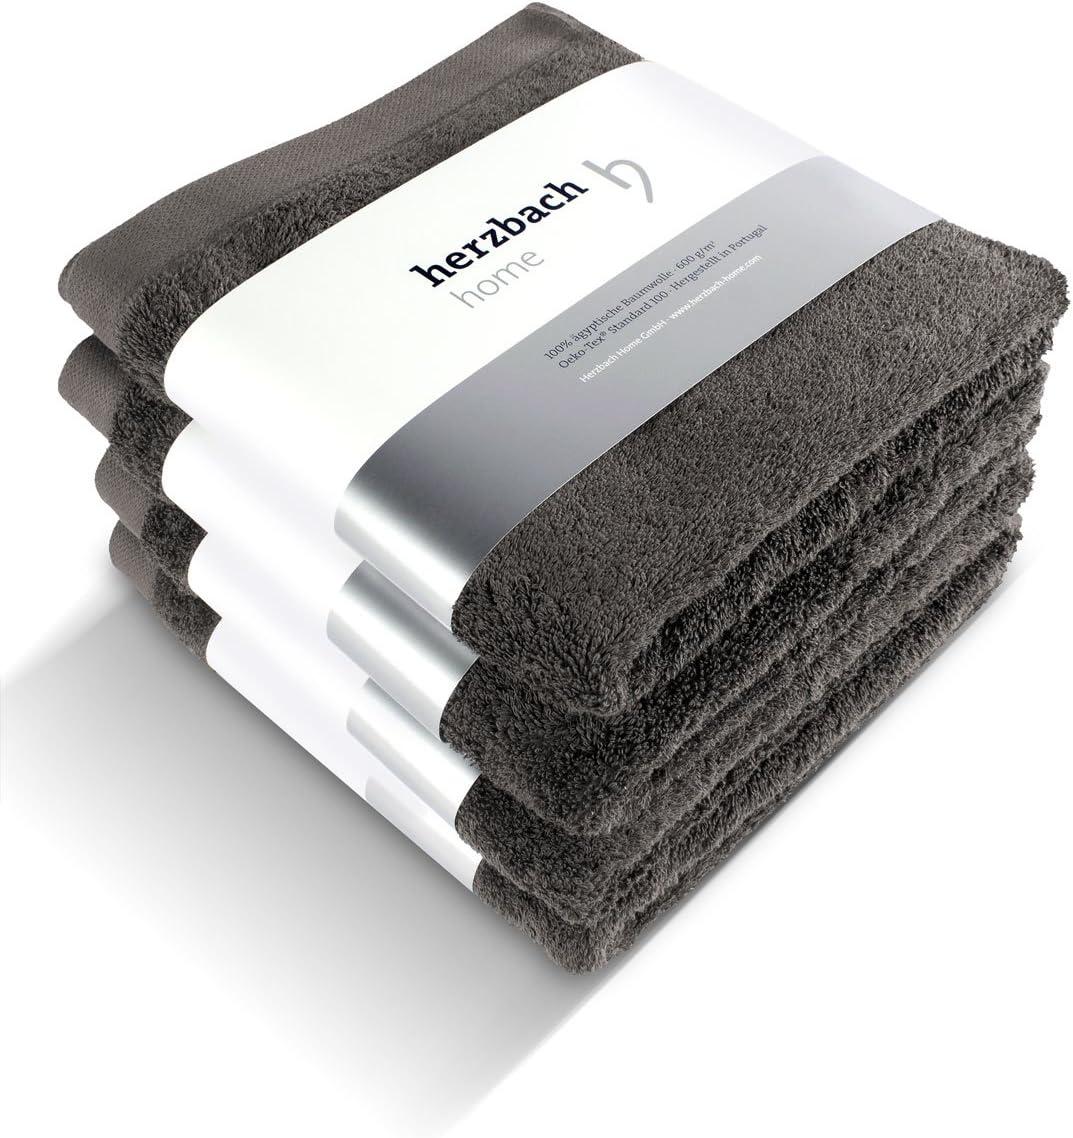 Cotone bianco herzbach Home Set da 4 asciugamani Premium qualit/à in 100/% cotone 50 x 100 cm Extra Morbido 50 x 100 cm